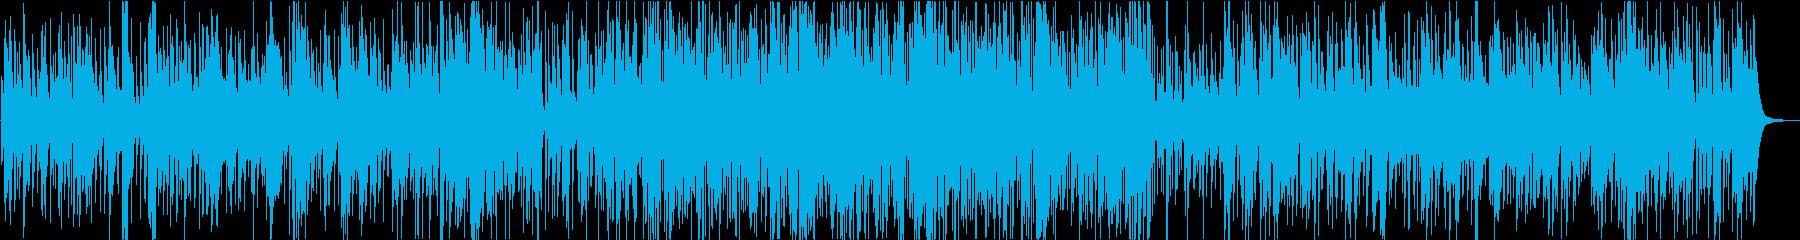 夜に聴きたいオーソドックスなジャズの再生済みの波形